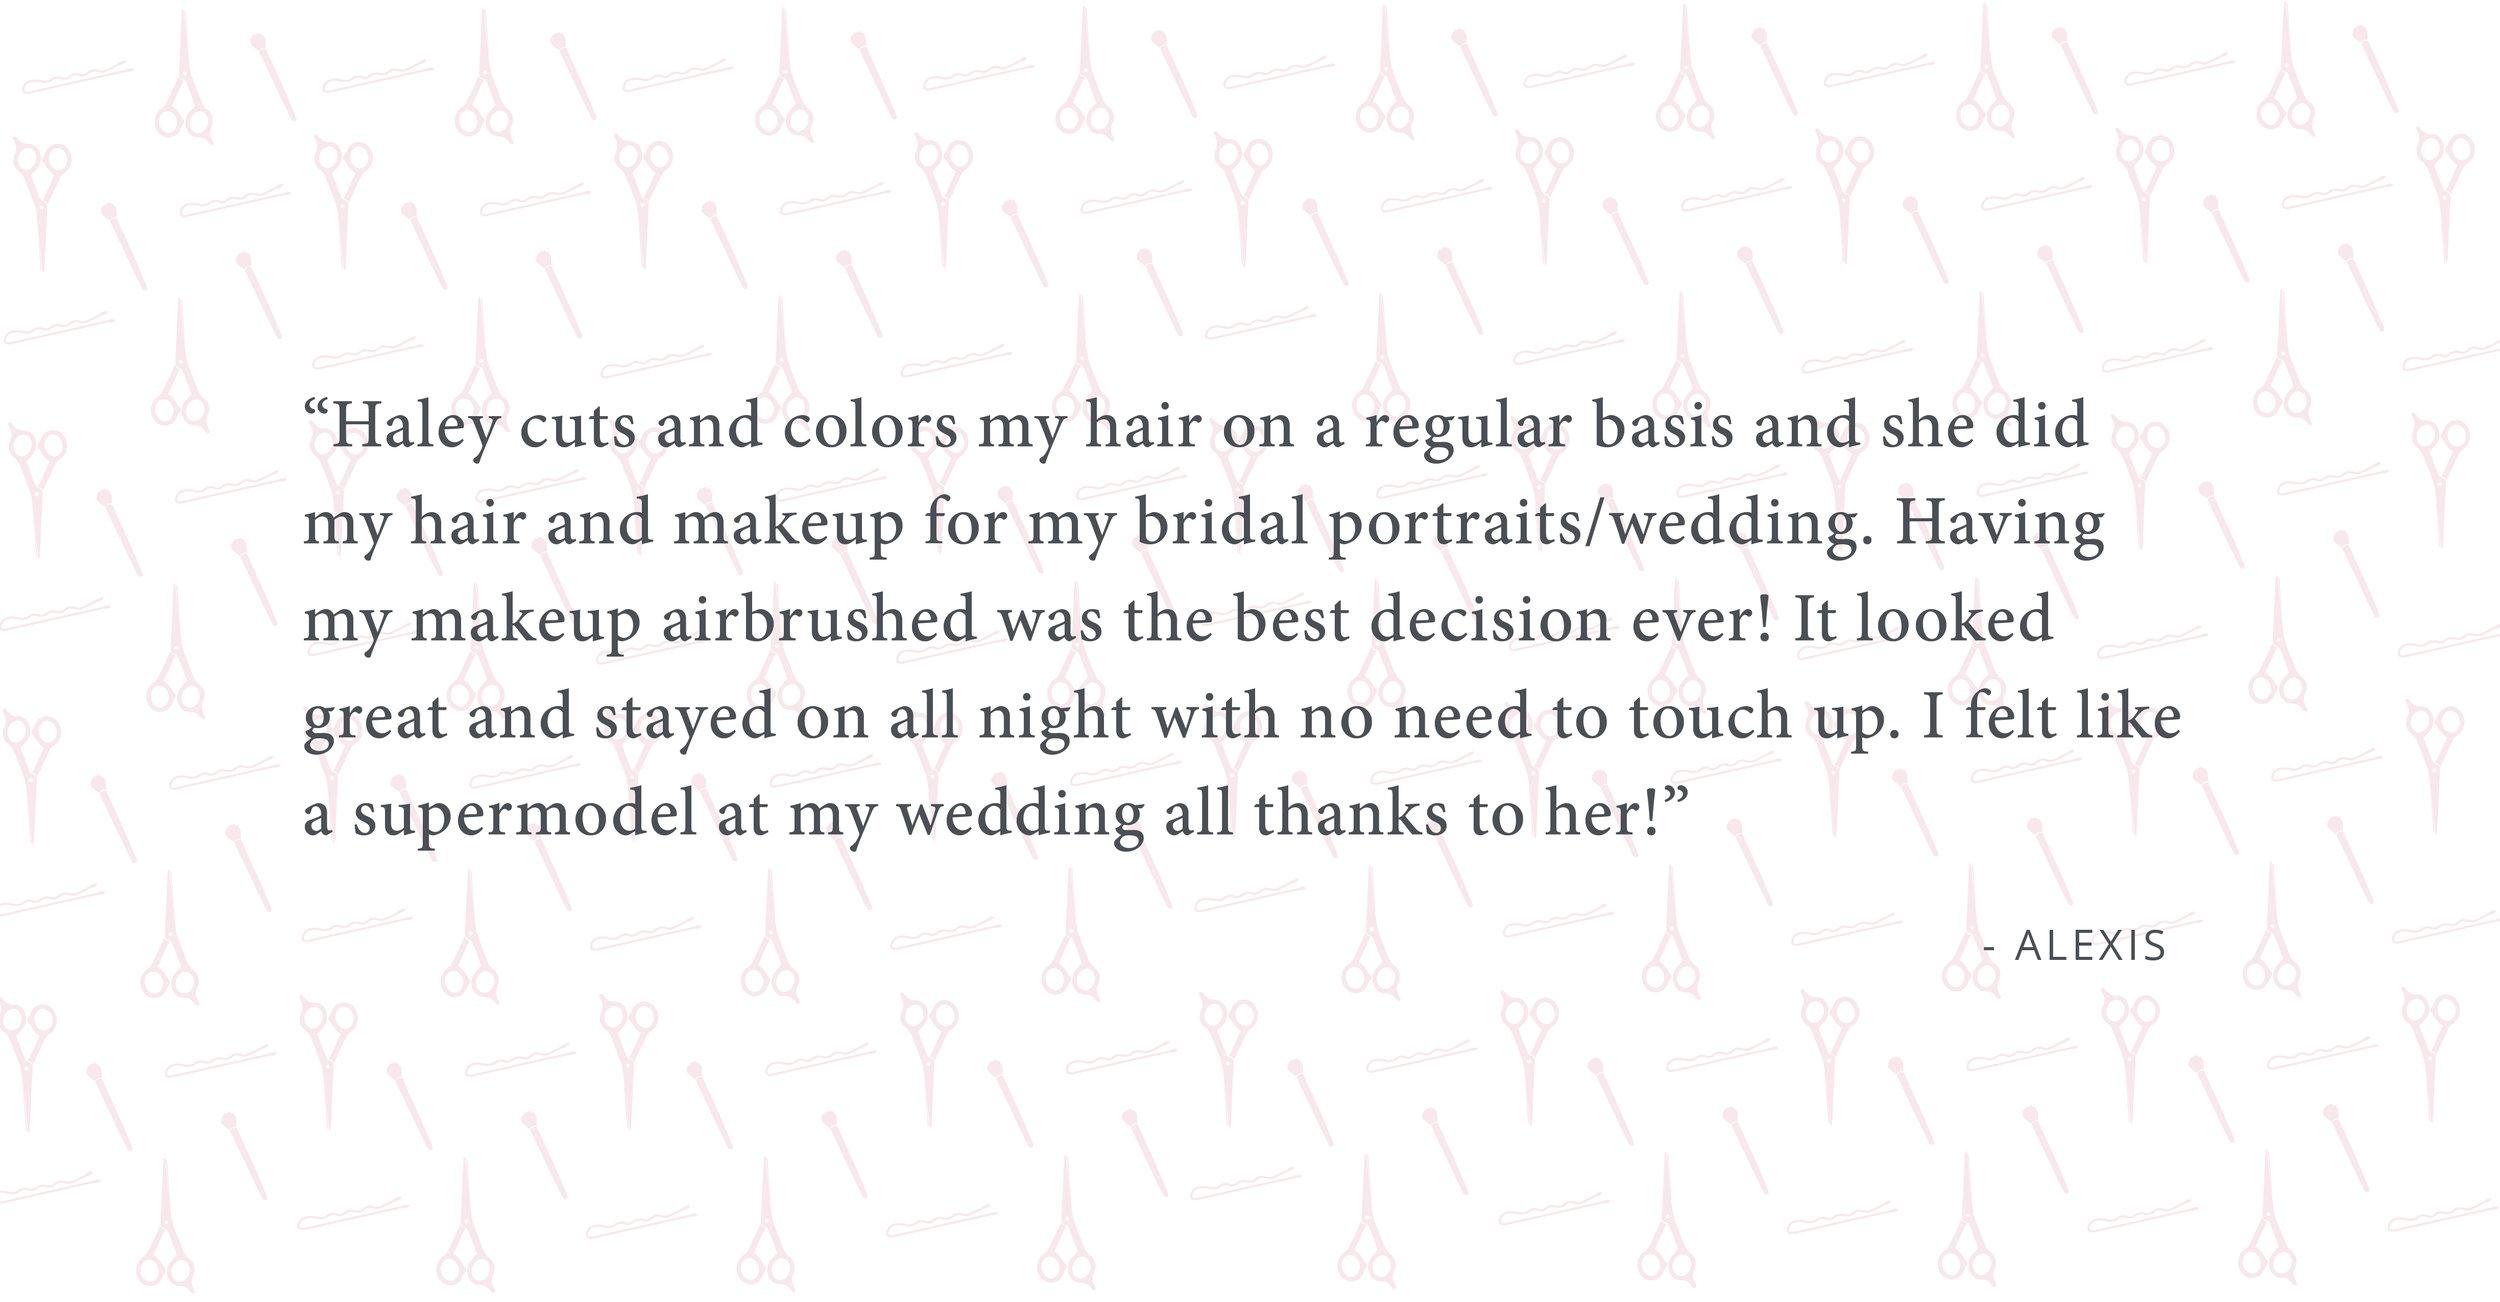 HaleySnodderly-Hairstylist-Makeup-Artist-Tulsa-Testimonial-Graphic-02.jpg